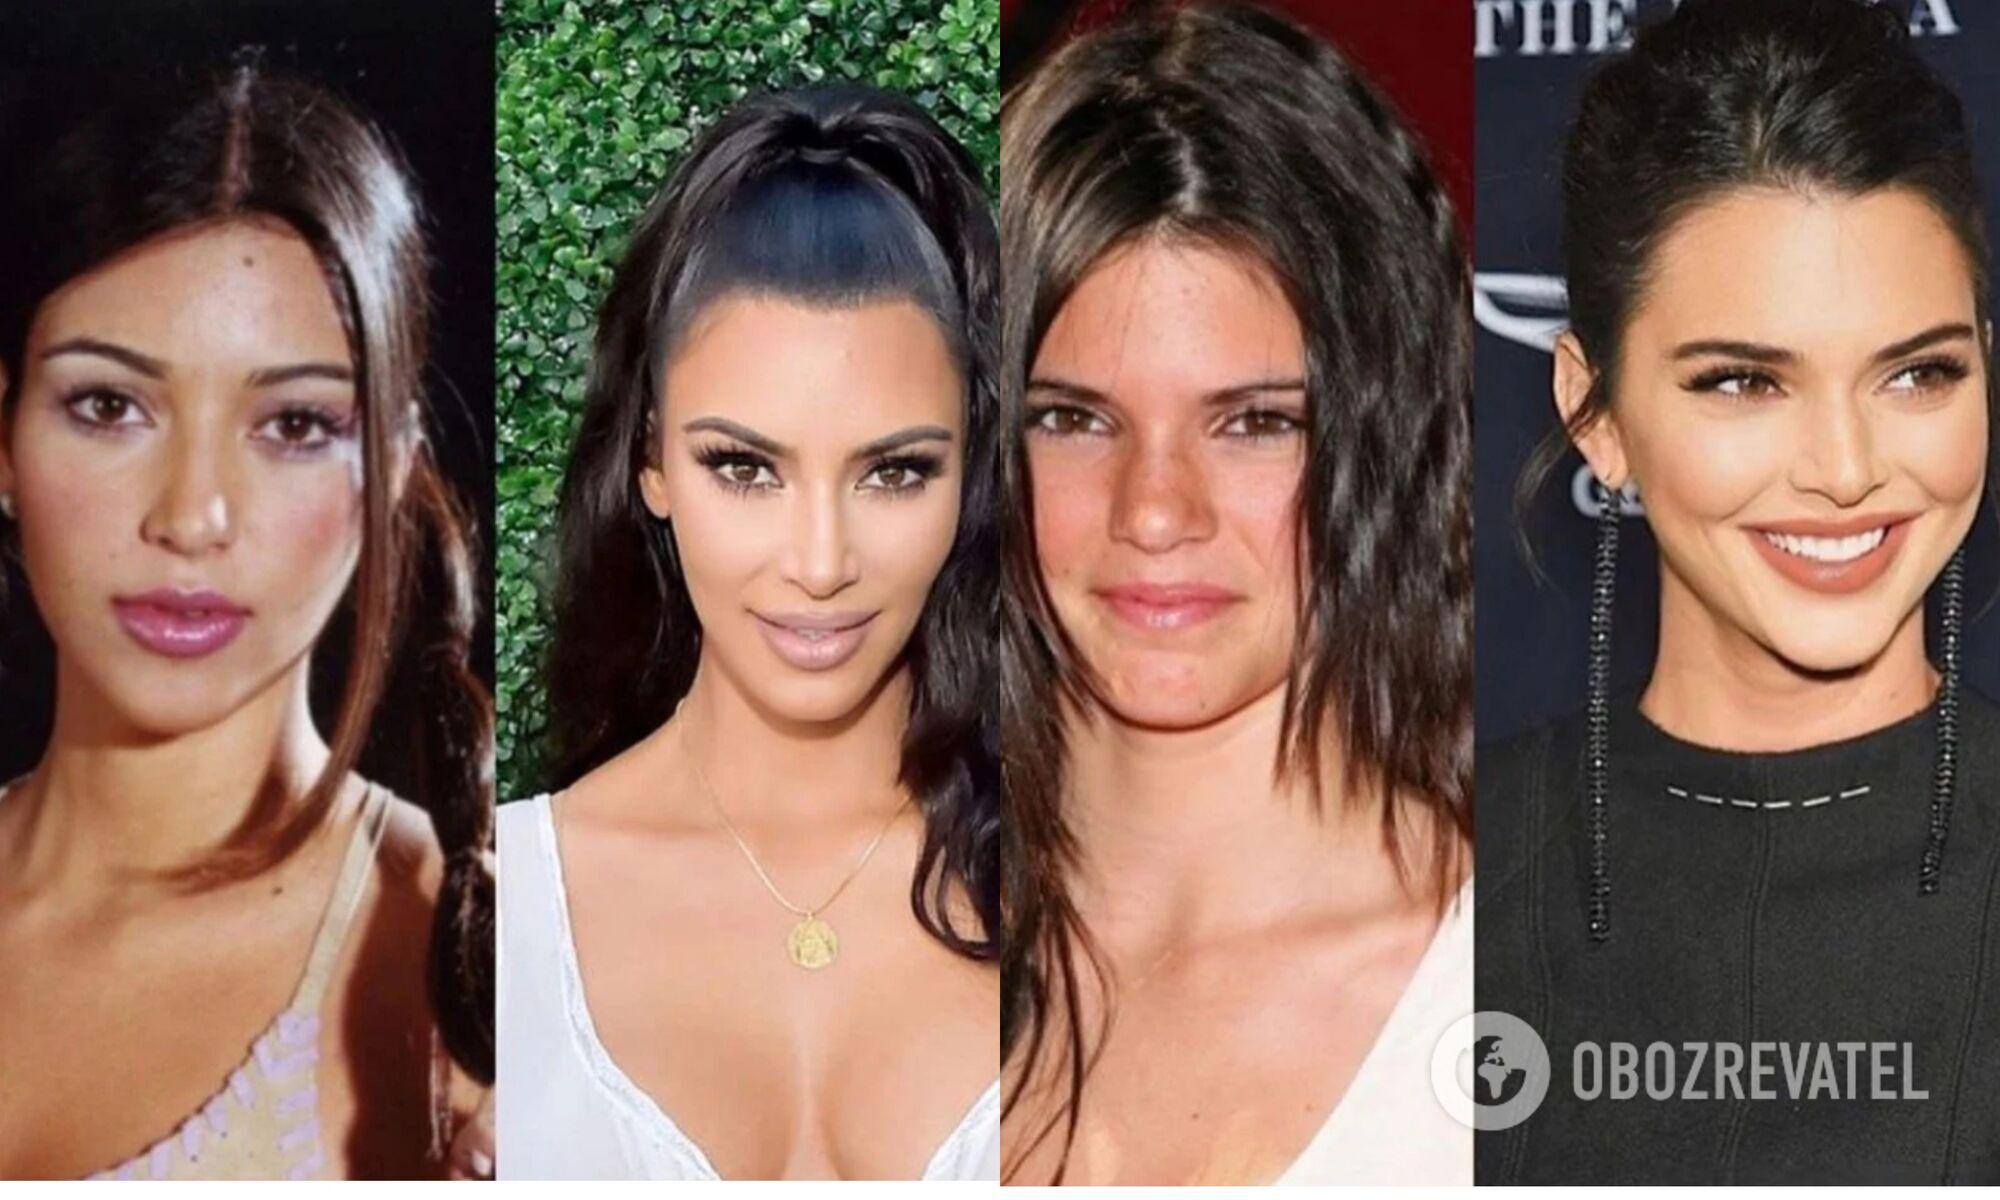 Ким Кардашьян и Кендалл Дженнер пересадили себе волосы со лба и висков, чтобы сделать лицо выразительнее.